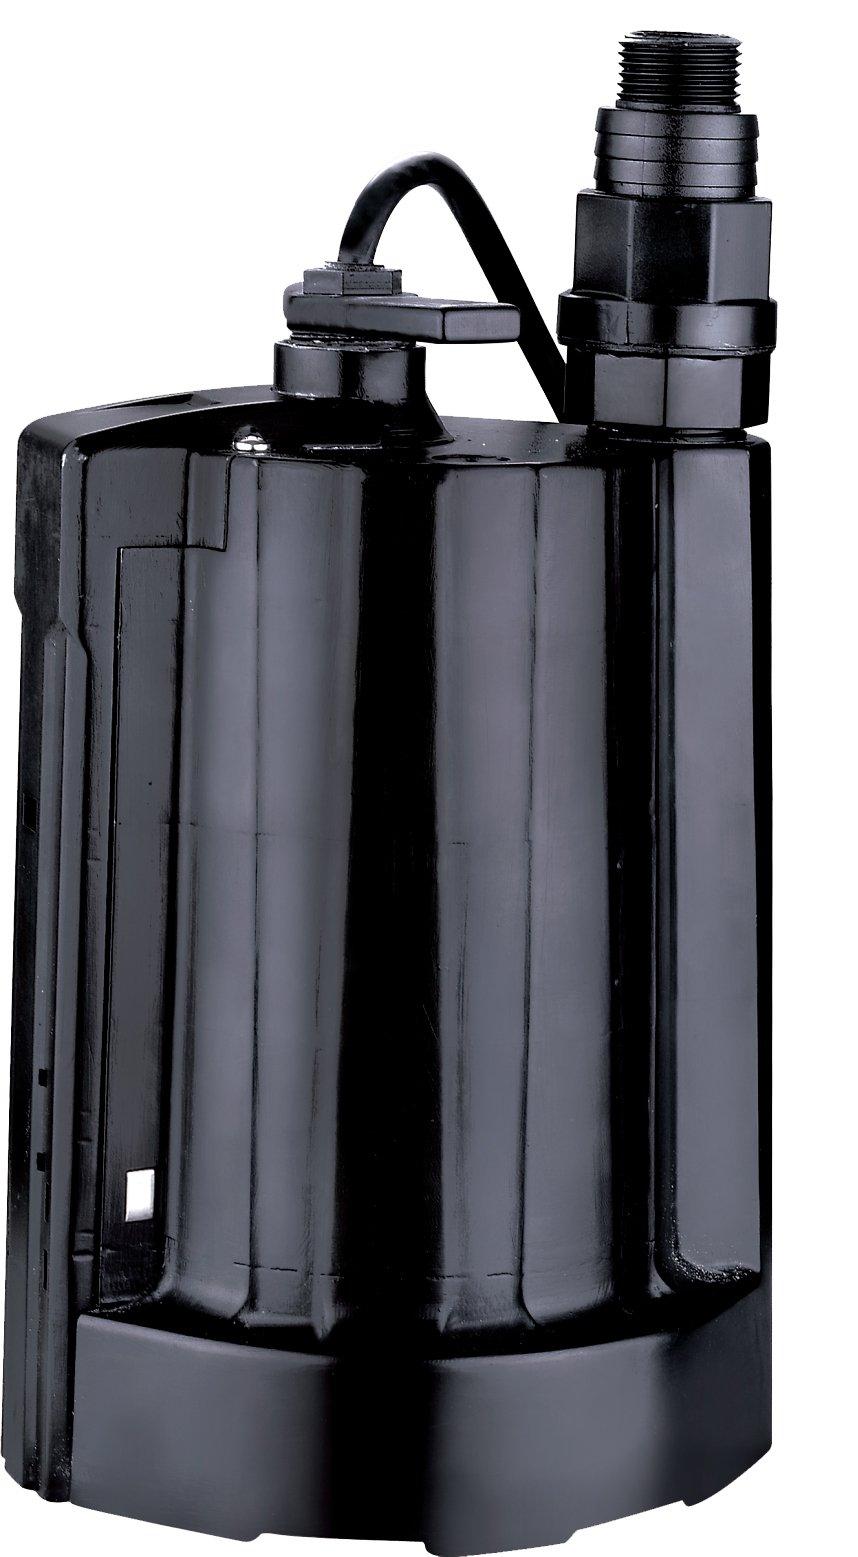 Acquaer AUP033-5 Acquaer 1/3 Auto Submersible Utility Pump, Black